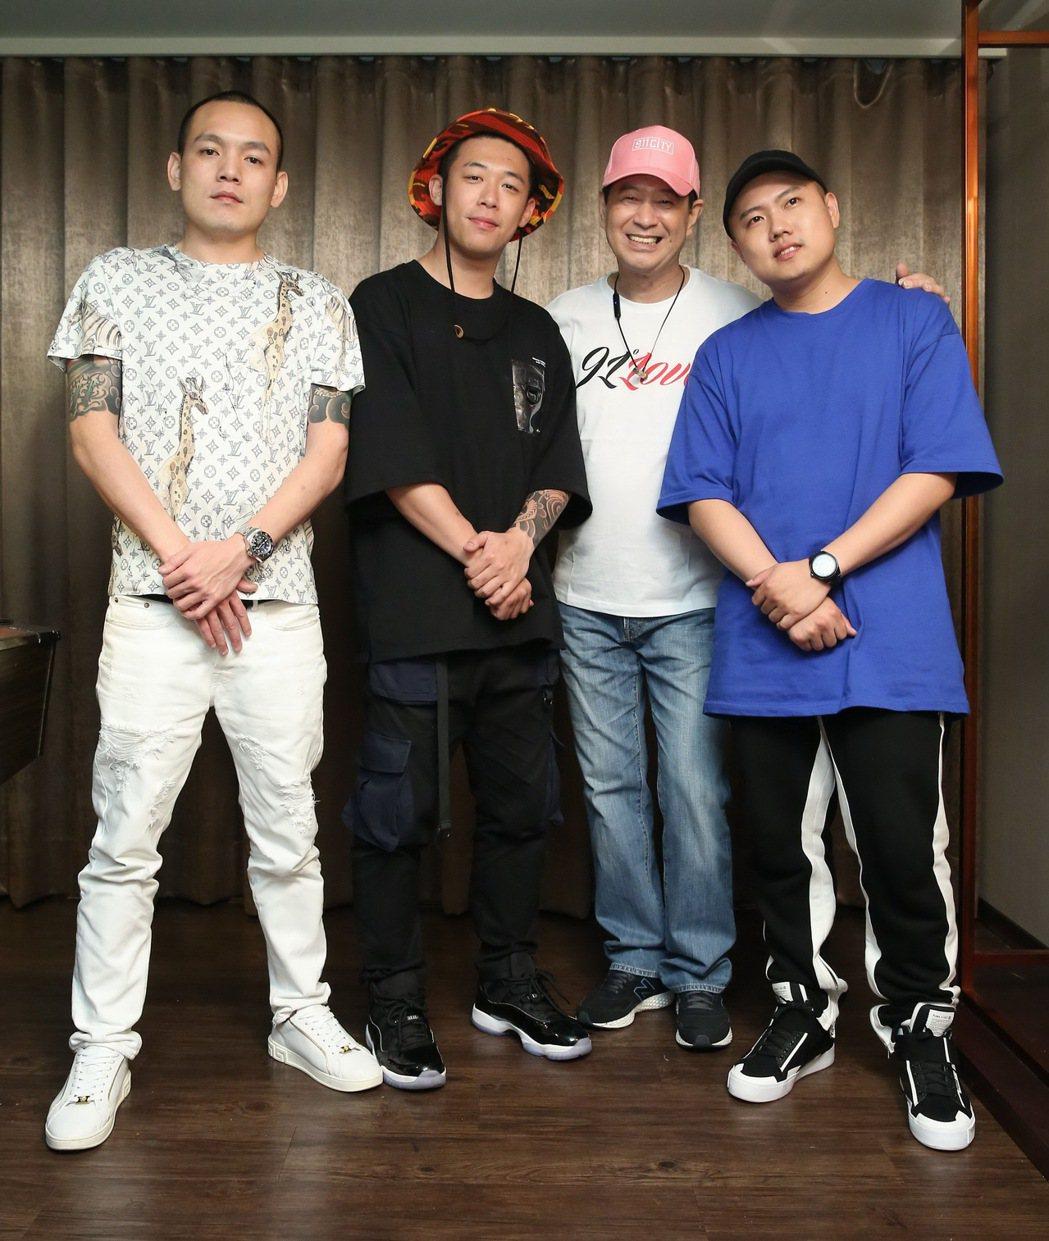 蔡小虎(右二)邀請玖壹壹擔任演唱會嘉賓。圖/翔彩儀提供